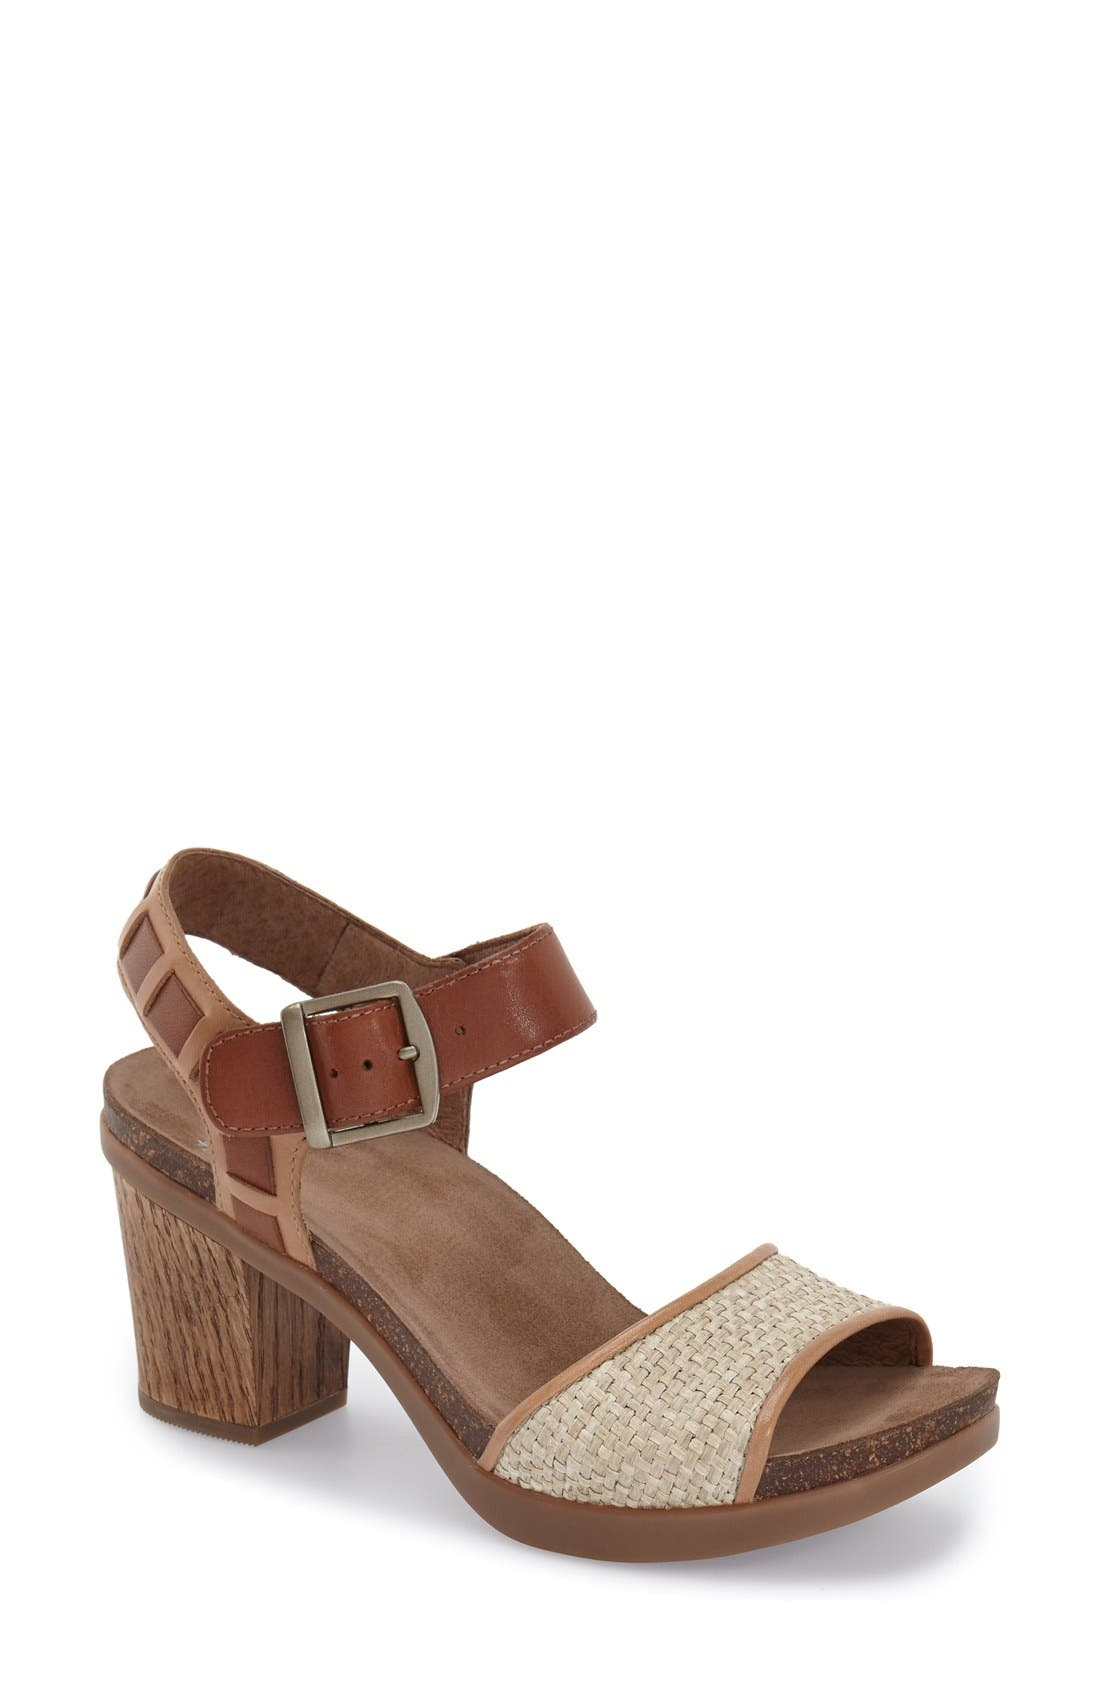 Alternate Image 1 Selected - Dansko 'Debby' Platform Sandal (Women)